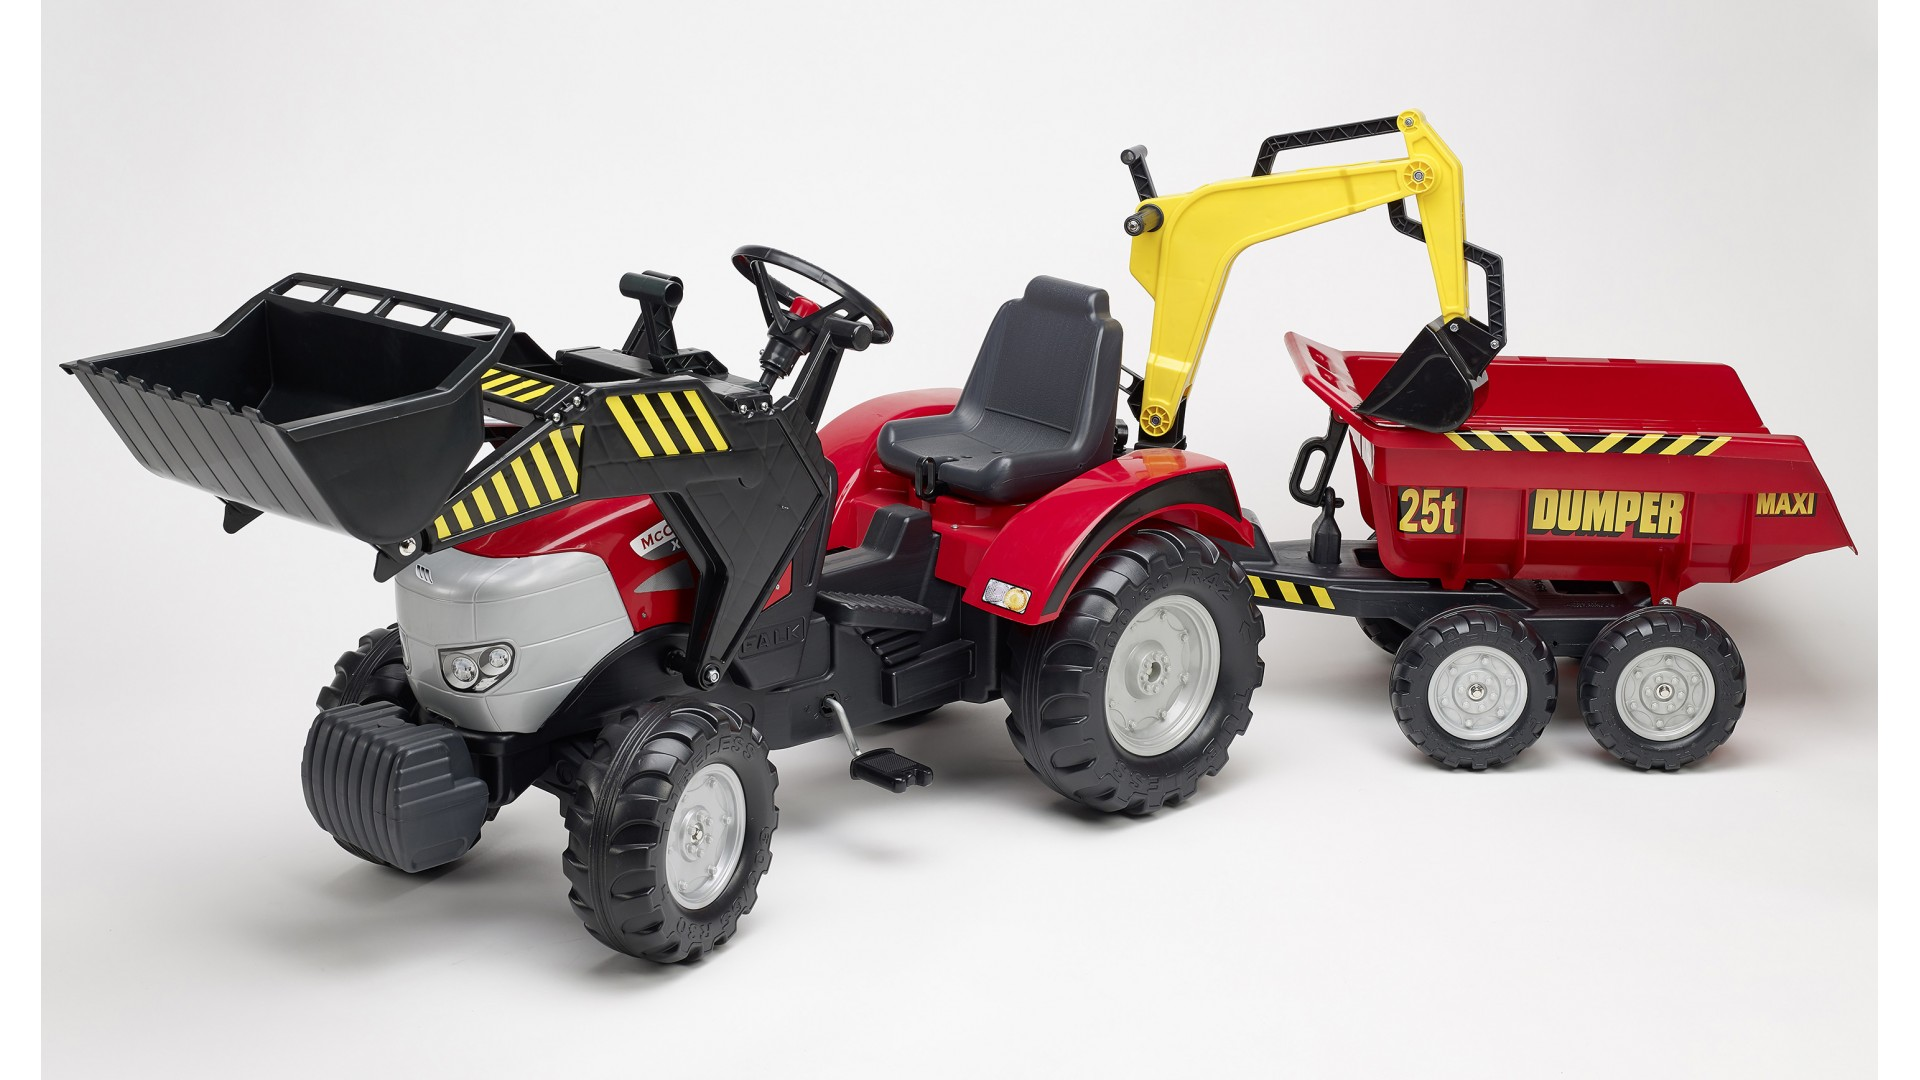 Педальный трактор-экскаватор с прицепом, красный, 225 смПедальные машины и трактора<br>Педальный трактор-экскаватор с прицепом, красный, 225 см<br>